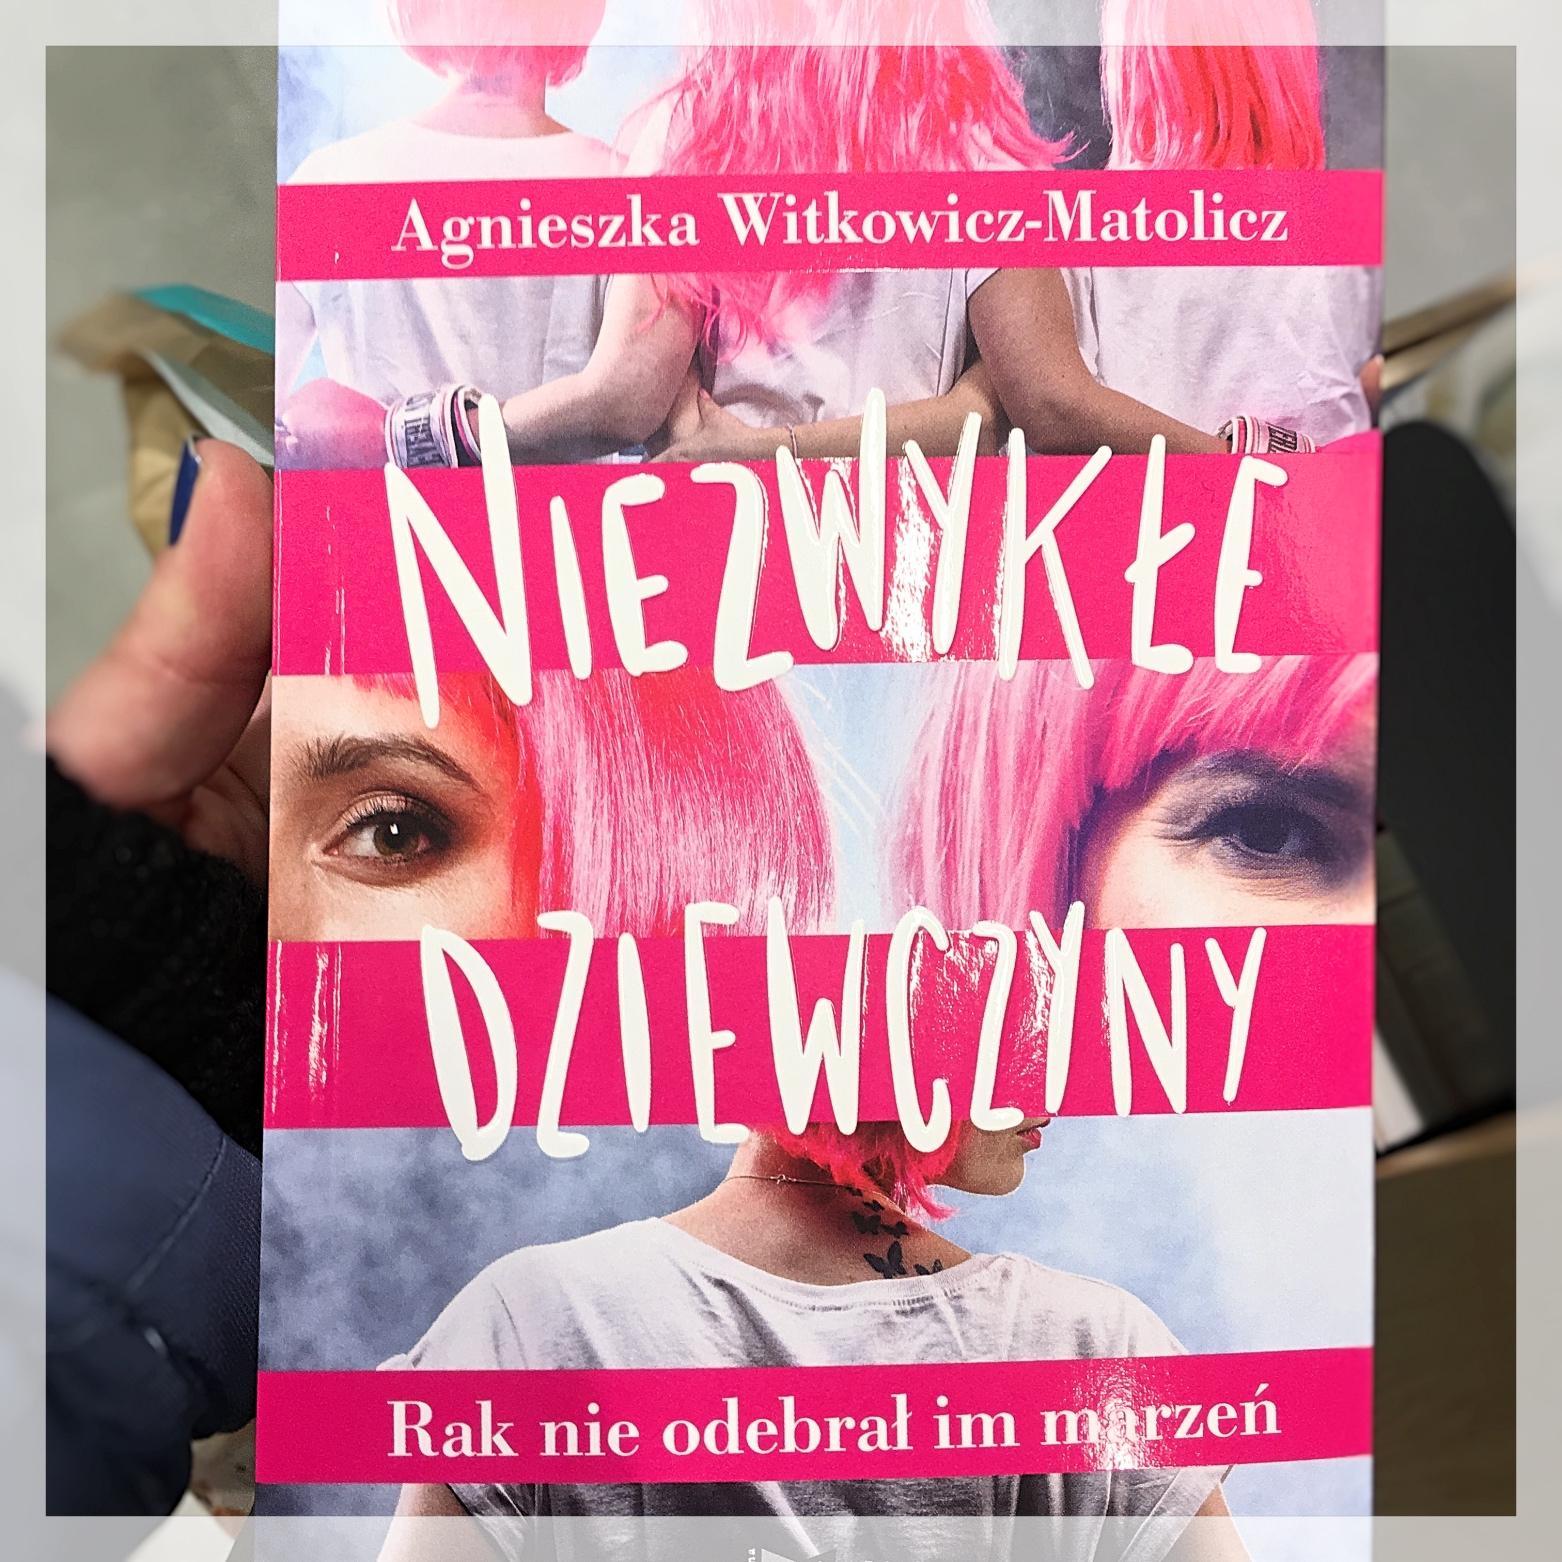 """Agnieszka Witkowicz-Matolicz """"Niezwykłe dziewczyny"""" blog"""